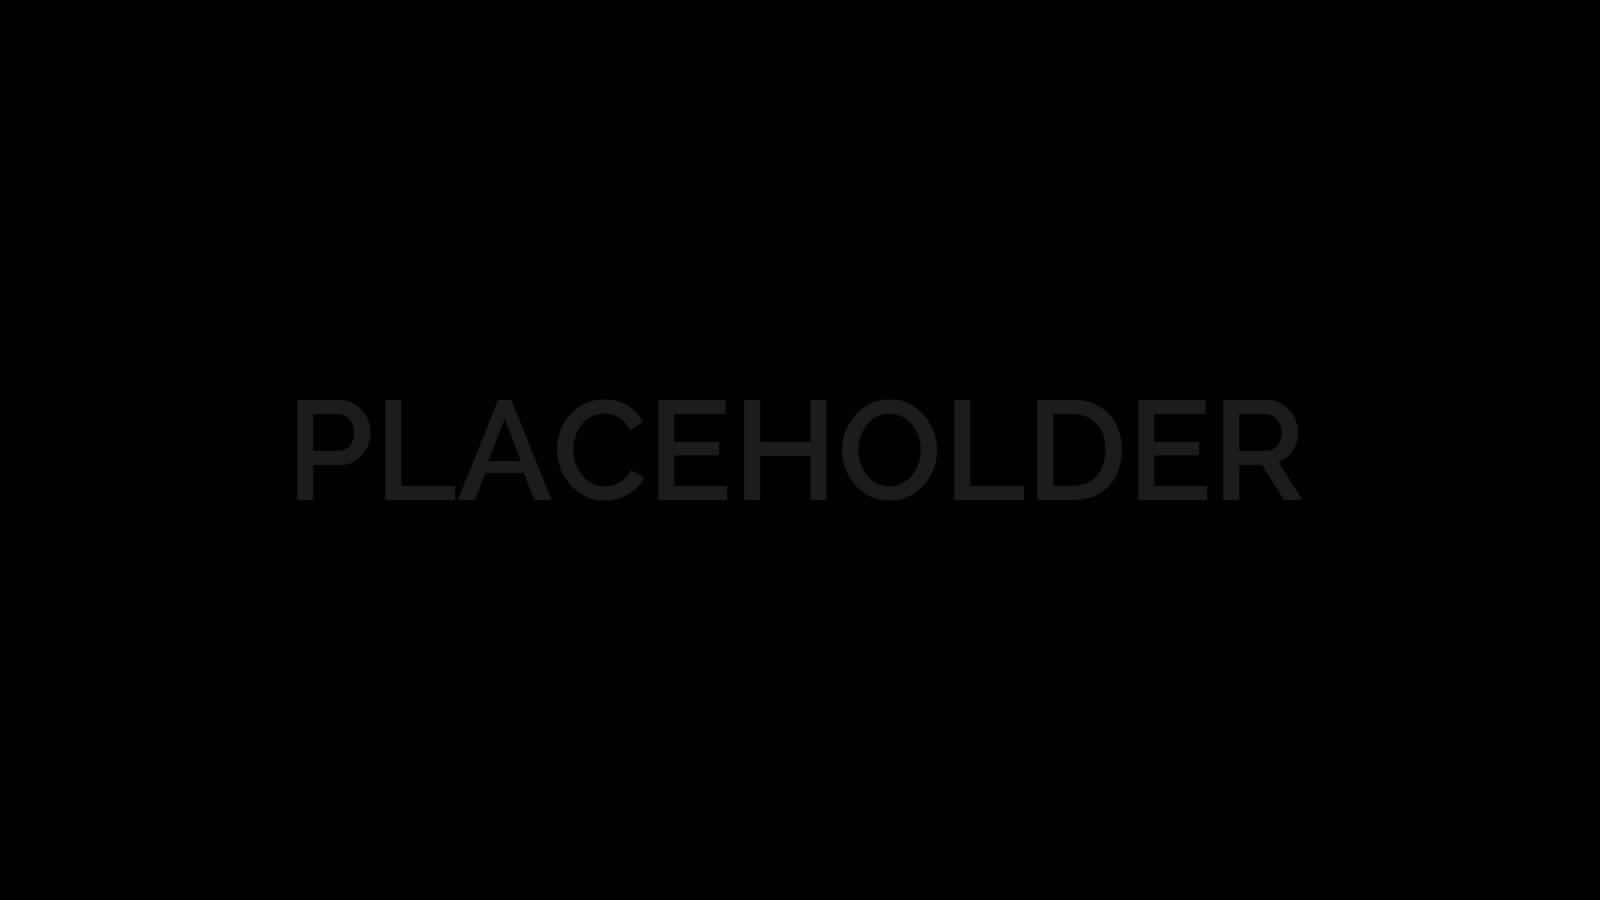 image-placerholder-slider1